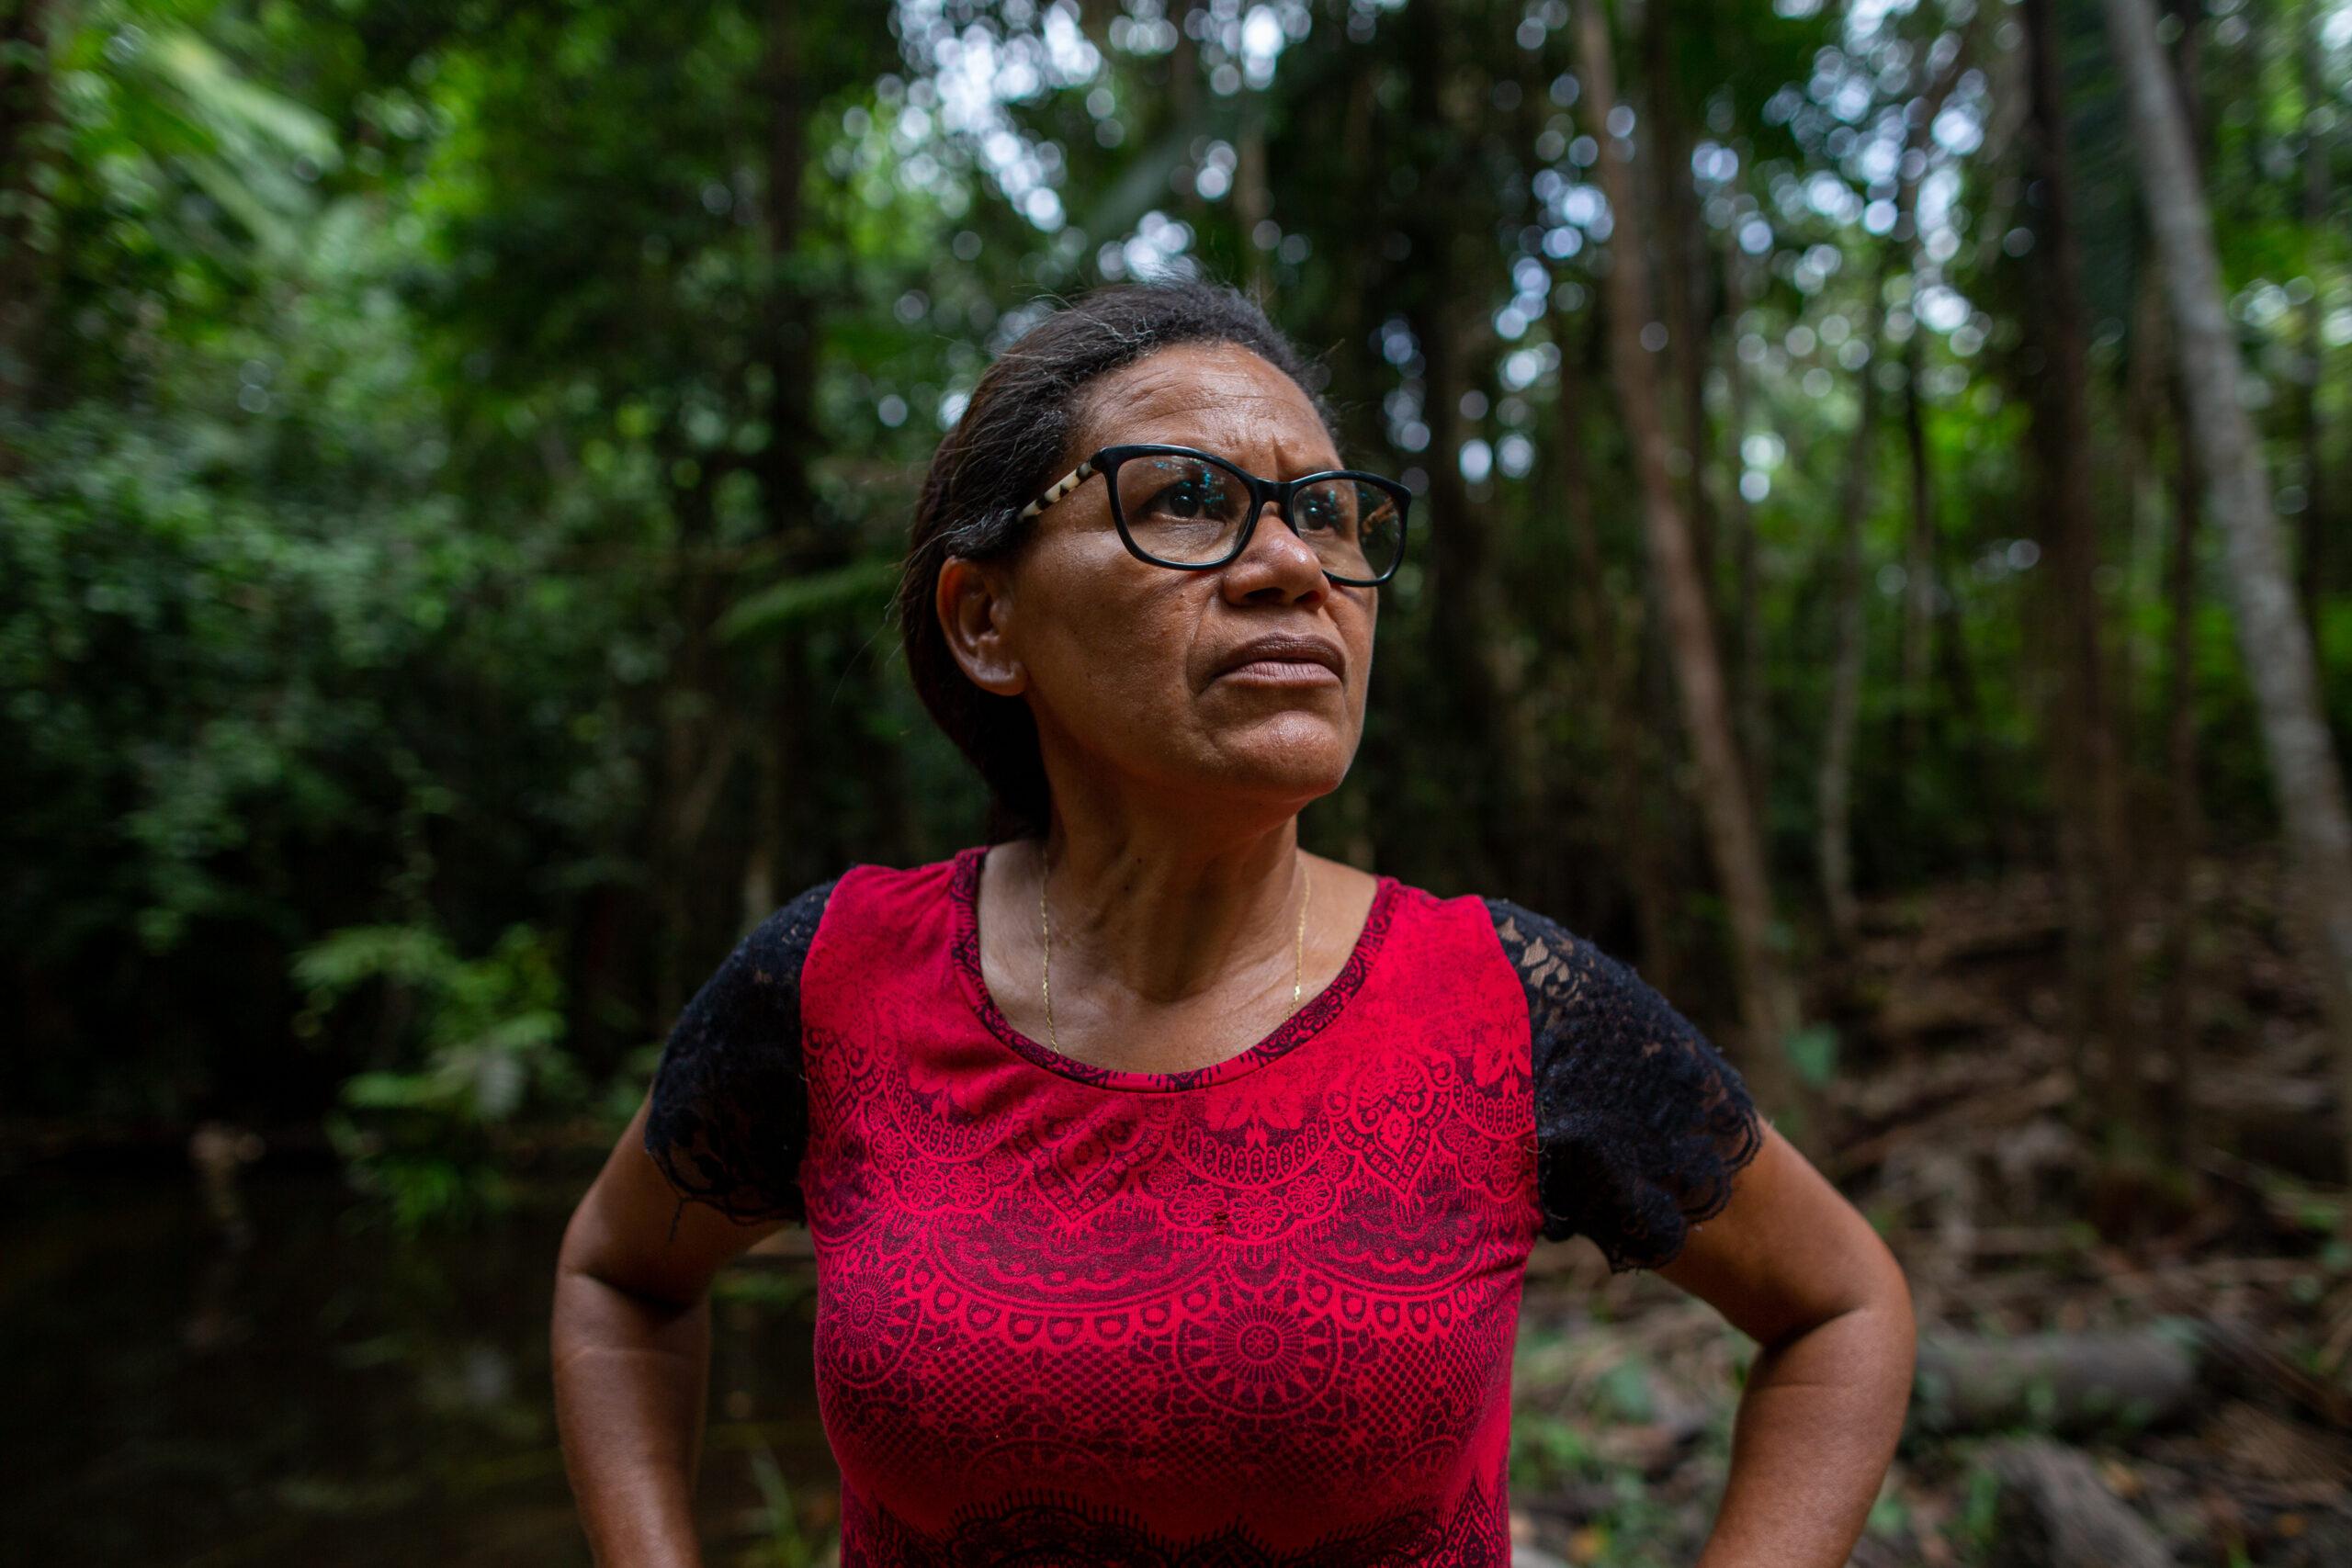 Ana Maria Costa de Assis